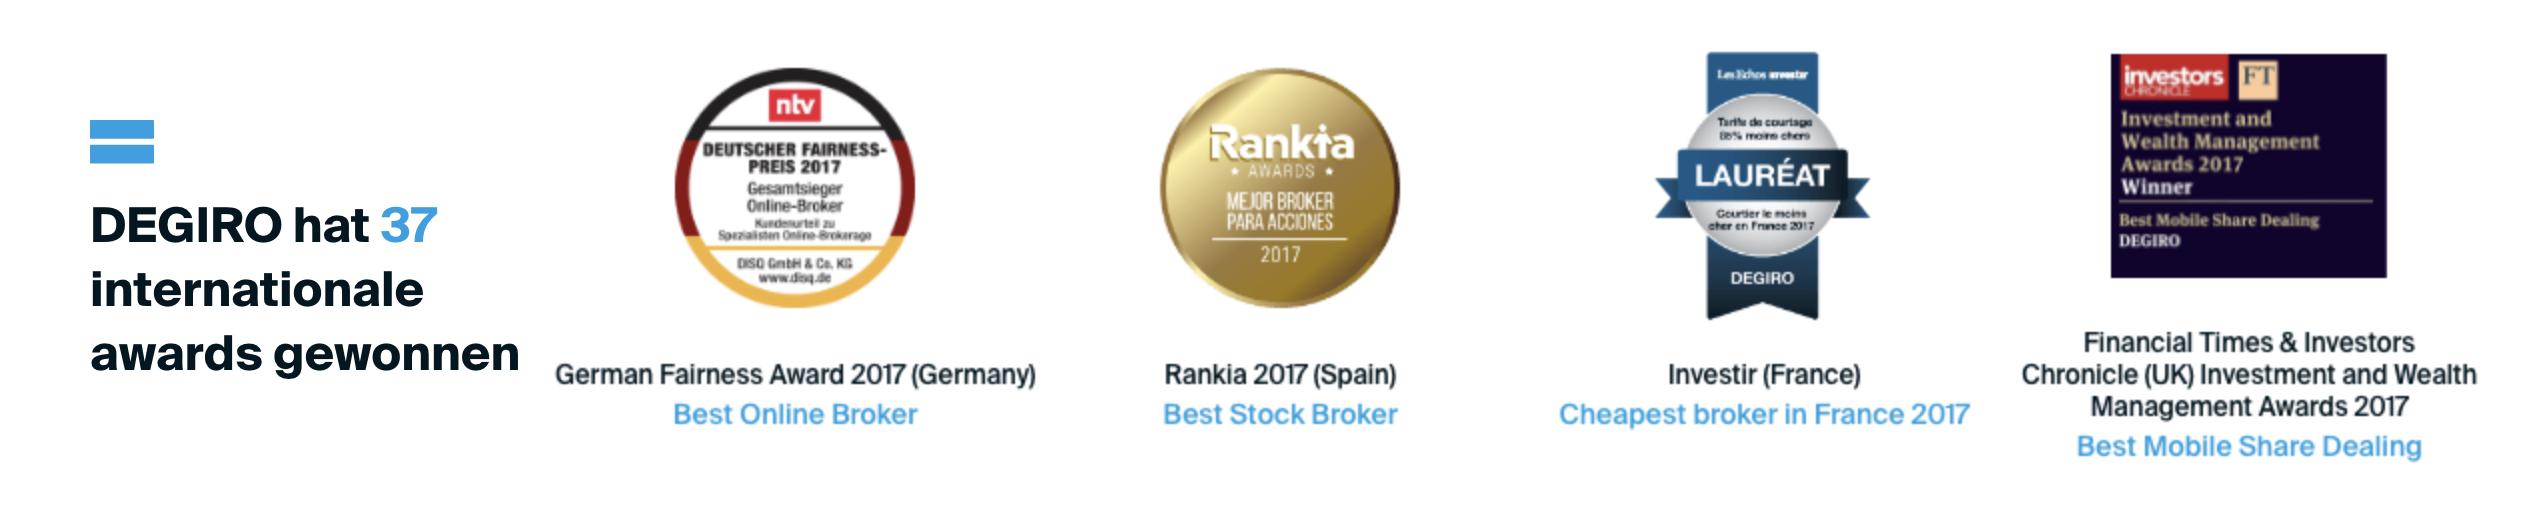 Der Broker DEGIRO hat bereits 37 Auszeichnungen für seinen Handel erhalten